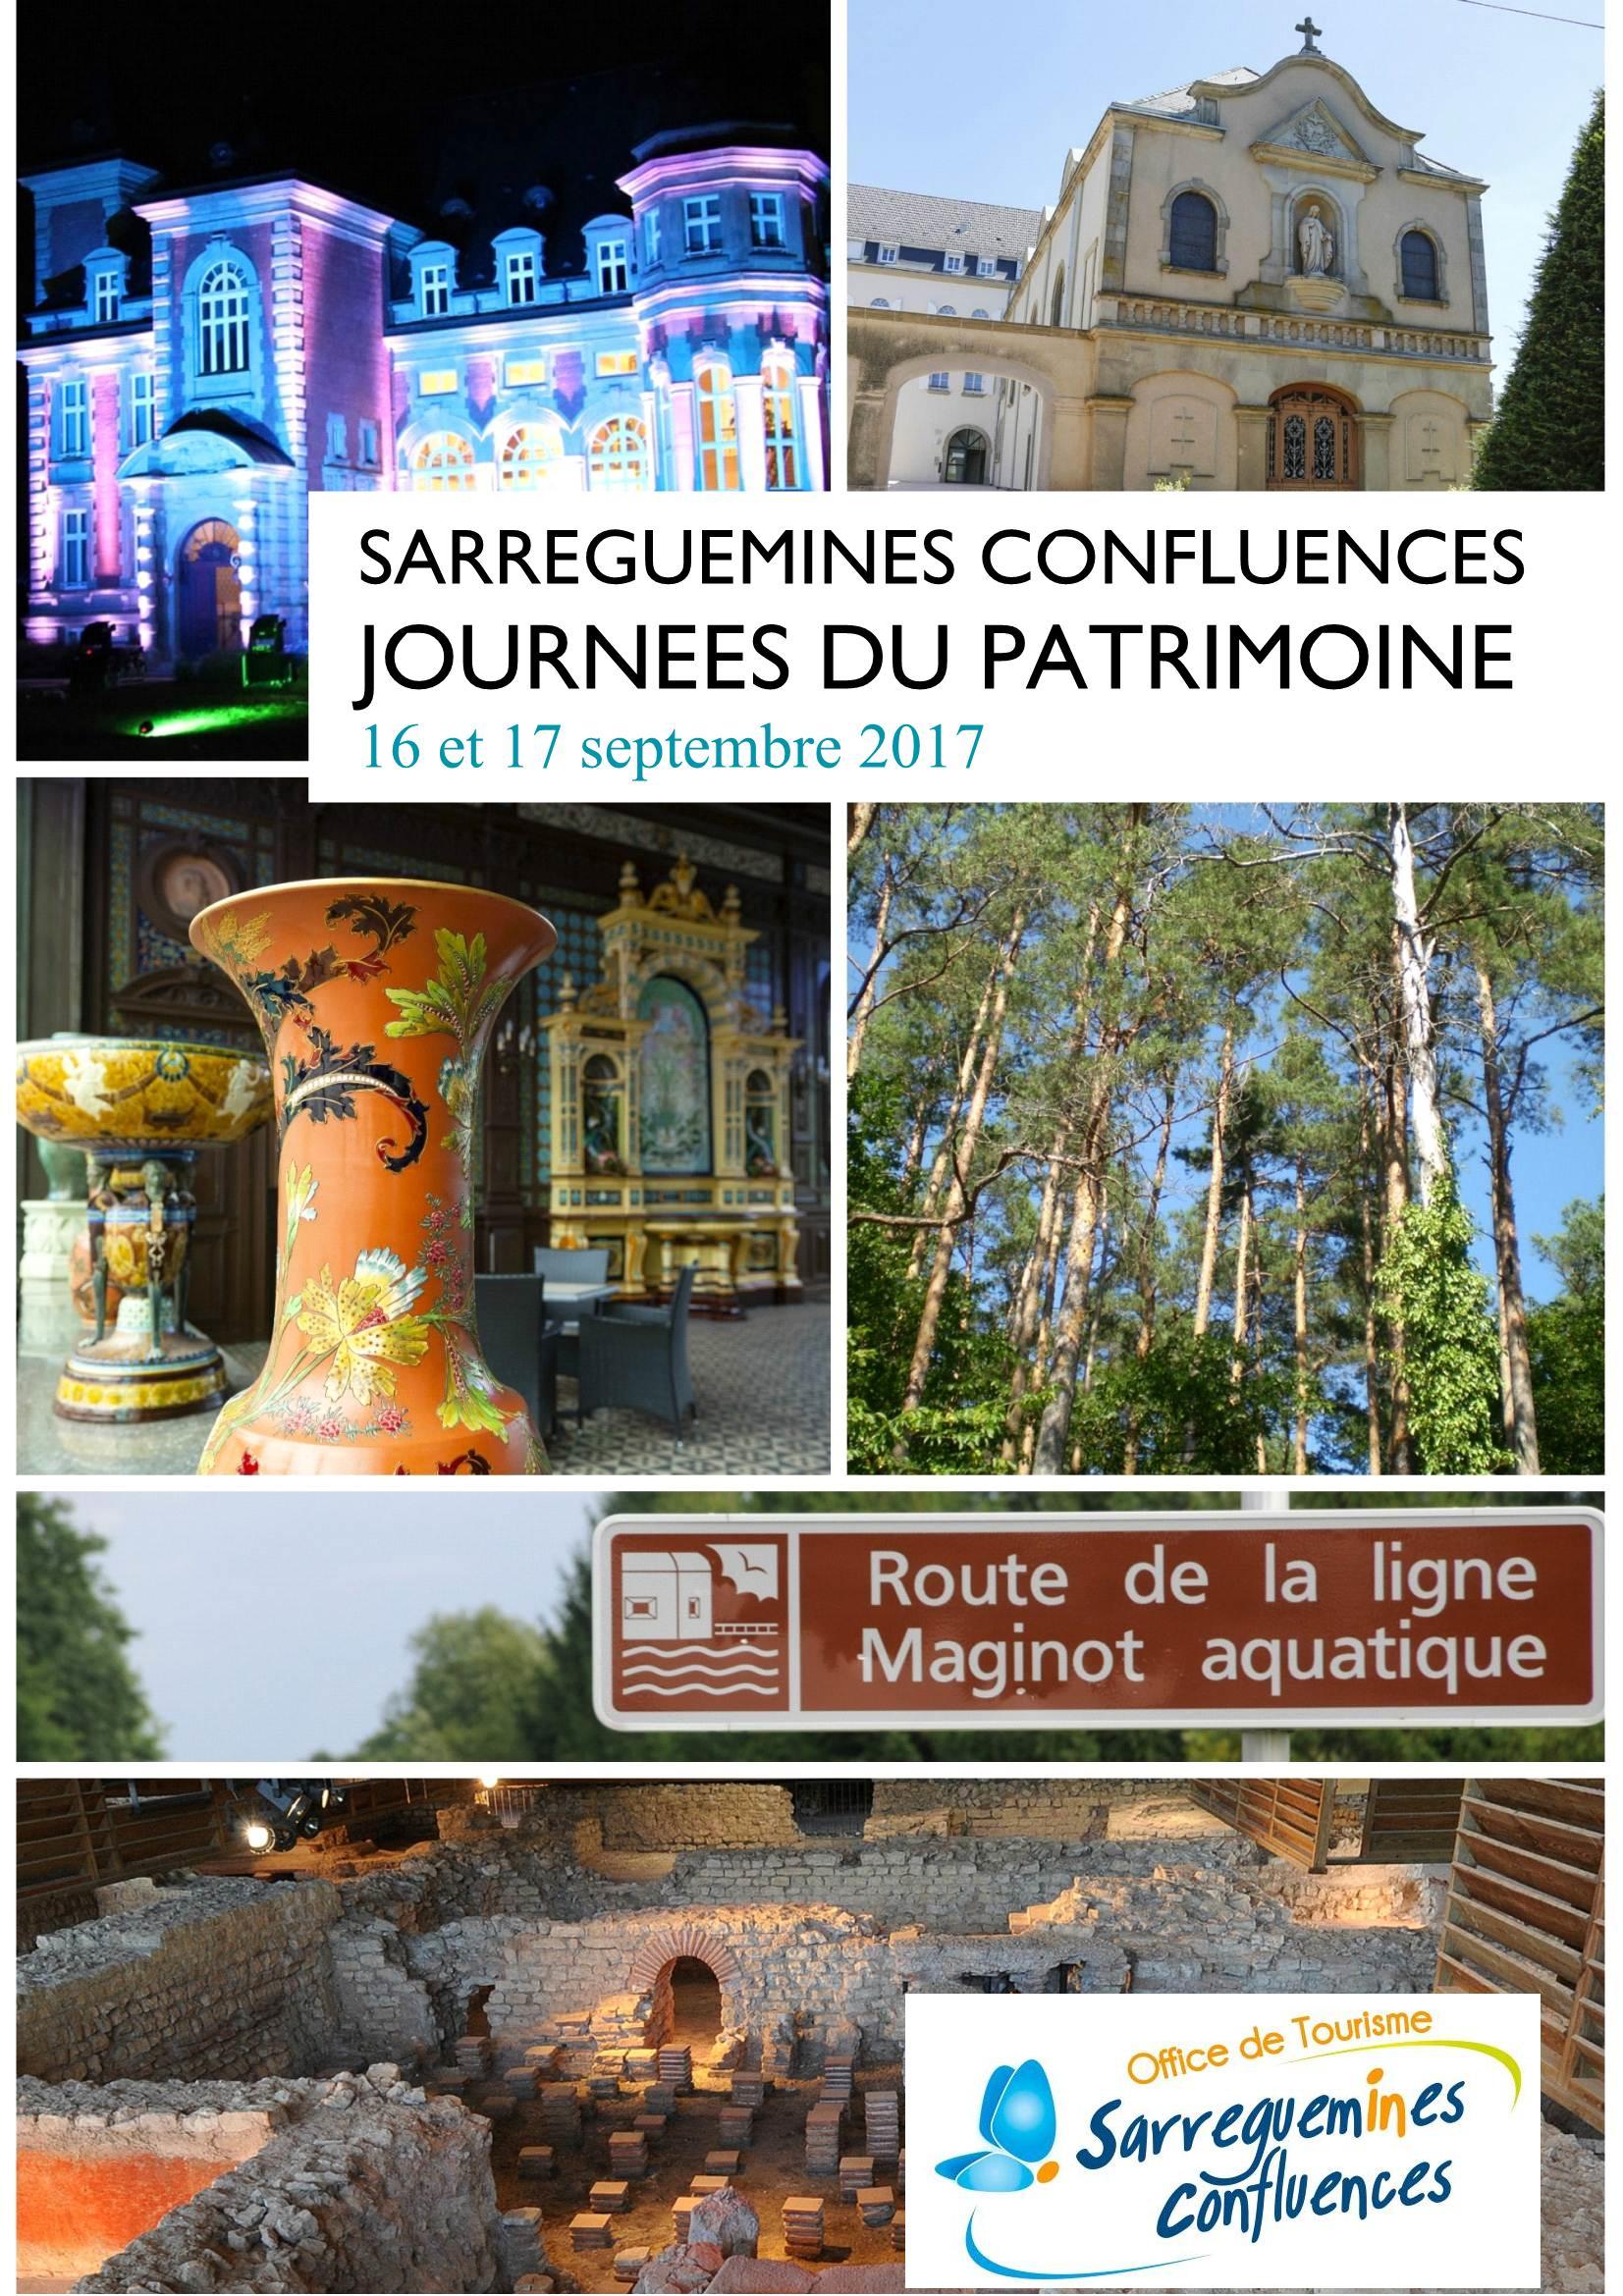 Journées du Patrimoine 2017 Sarreguemines